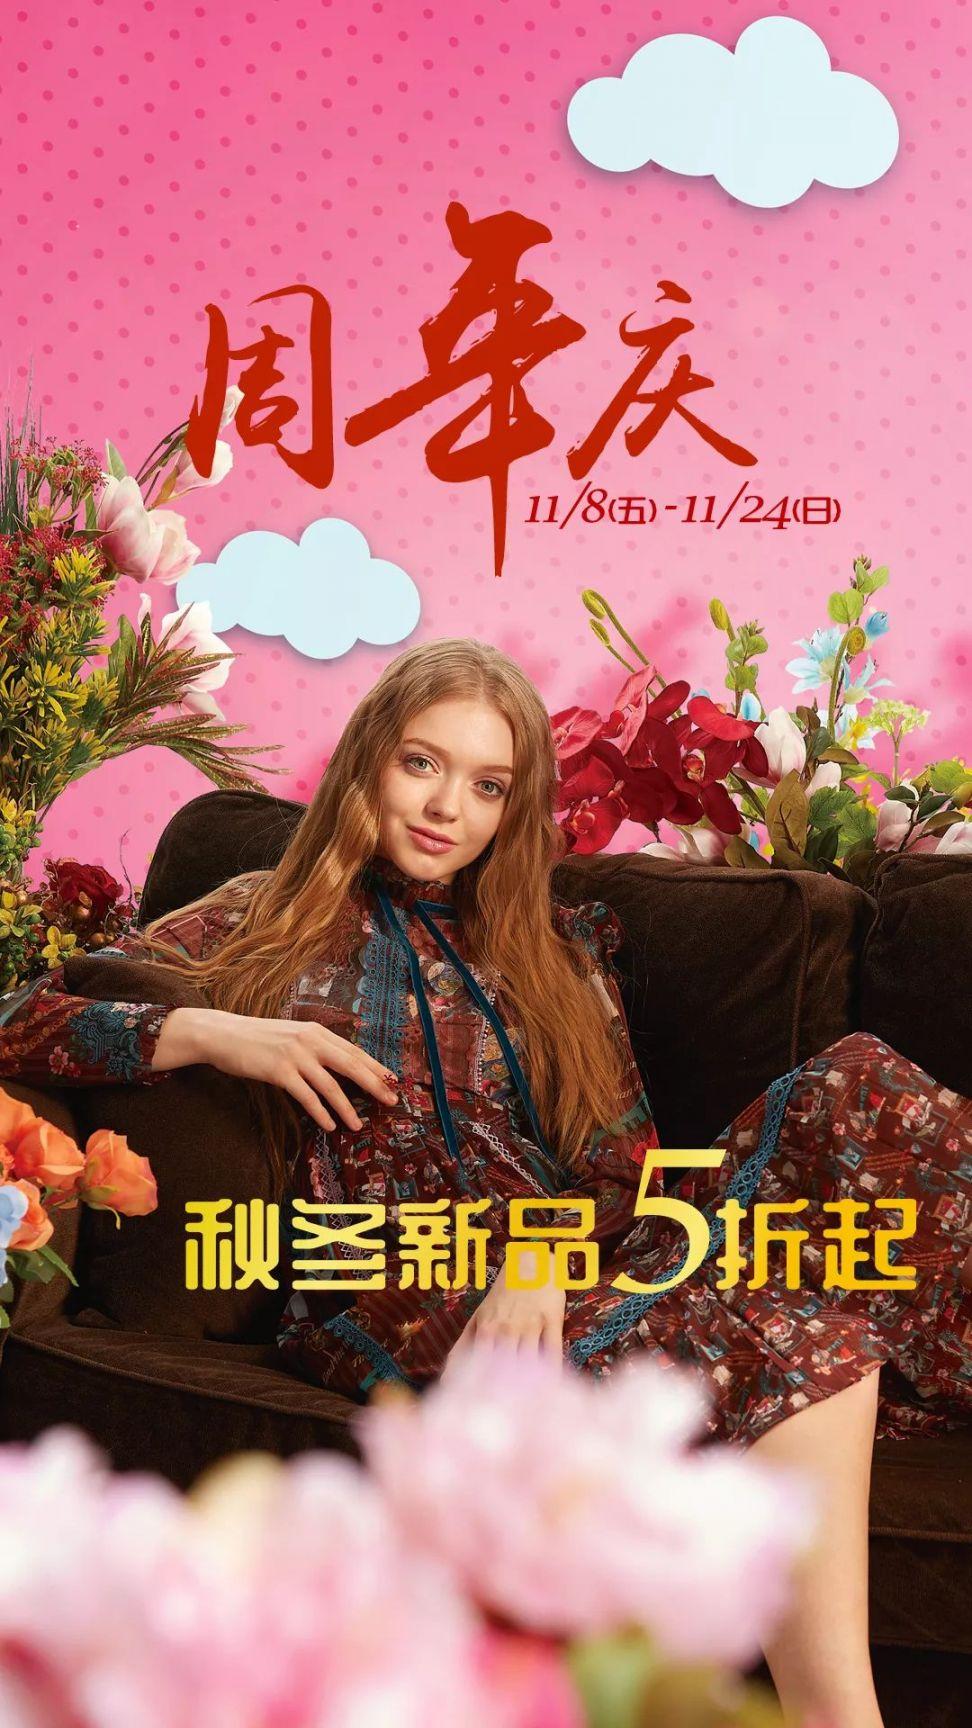 上海太平洋百货周年庆  新品5折化妆品8.5折